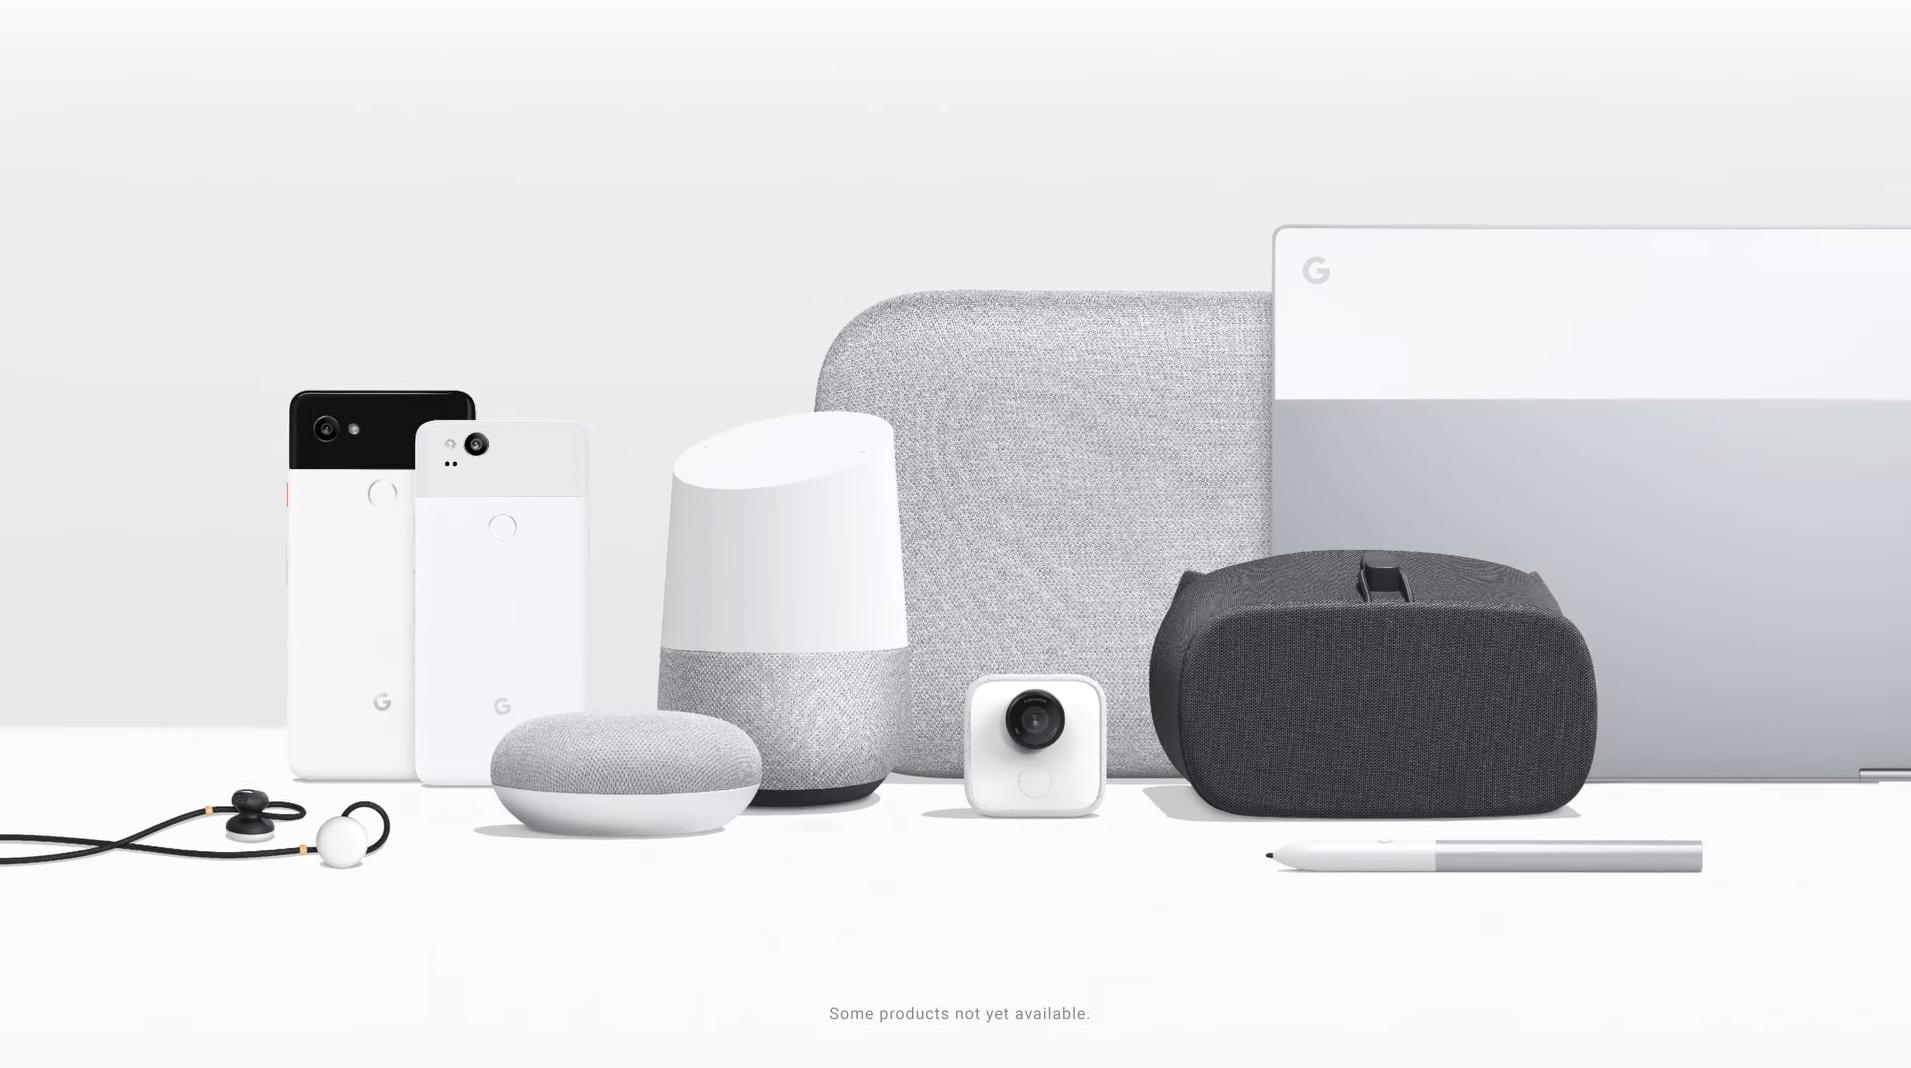 Trois montres Pixel chez Google cet automne ?